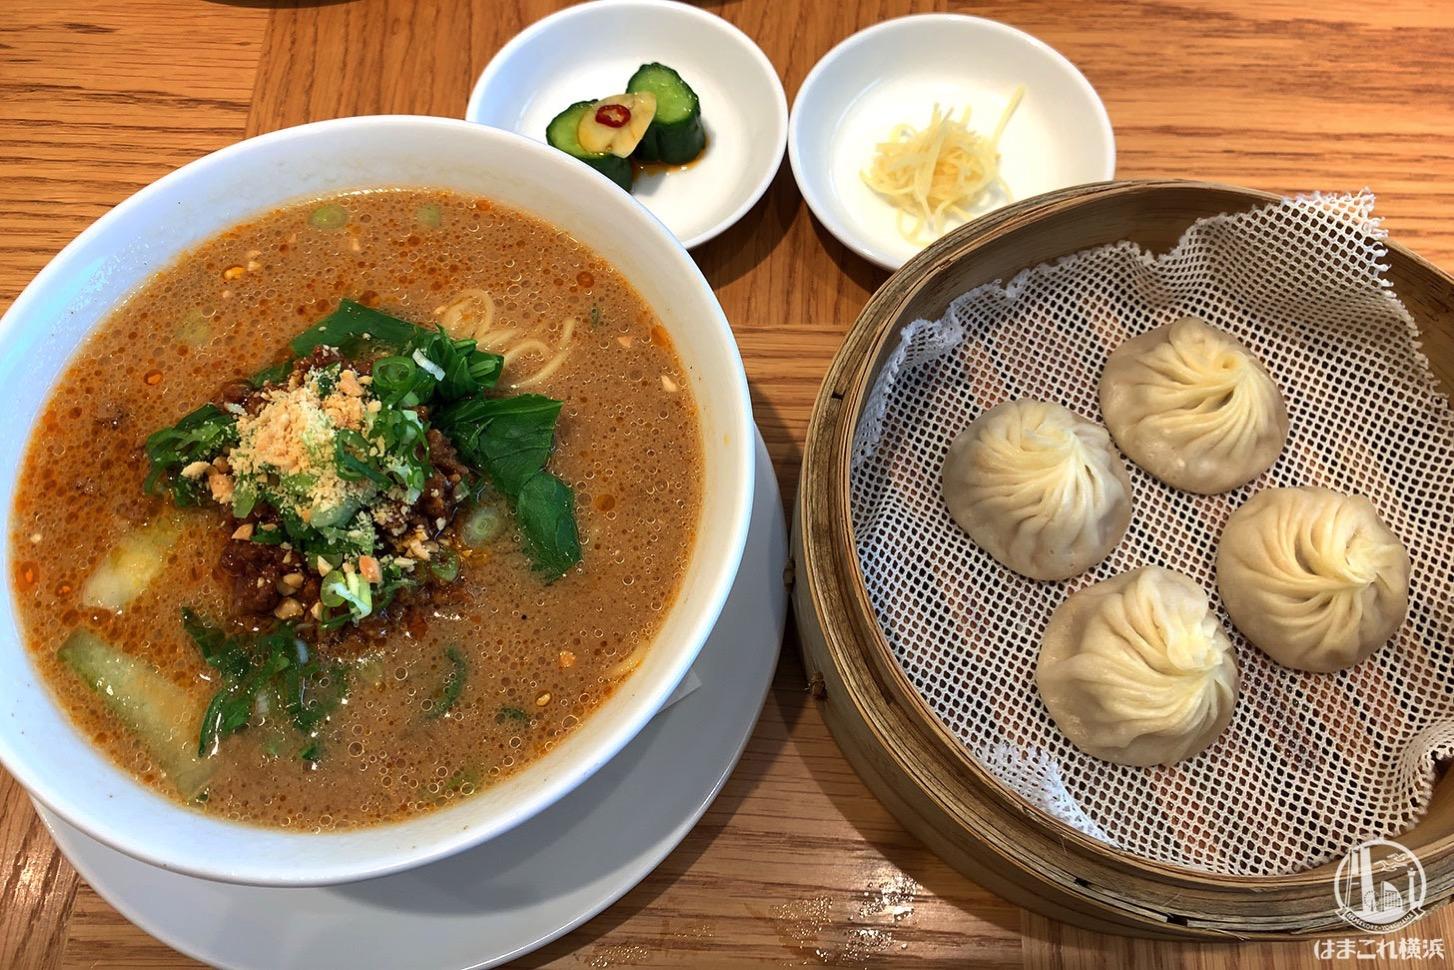 鼎泰豐(ディンタイフォン)みなとみらいでランチ!小籠包と担々麺のおすすめセット